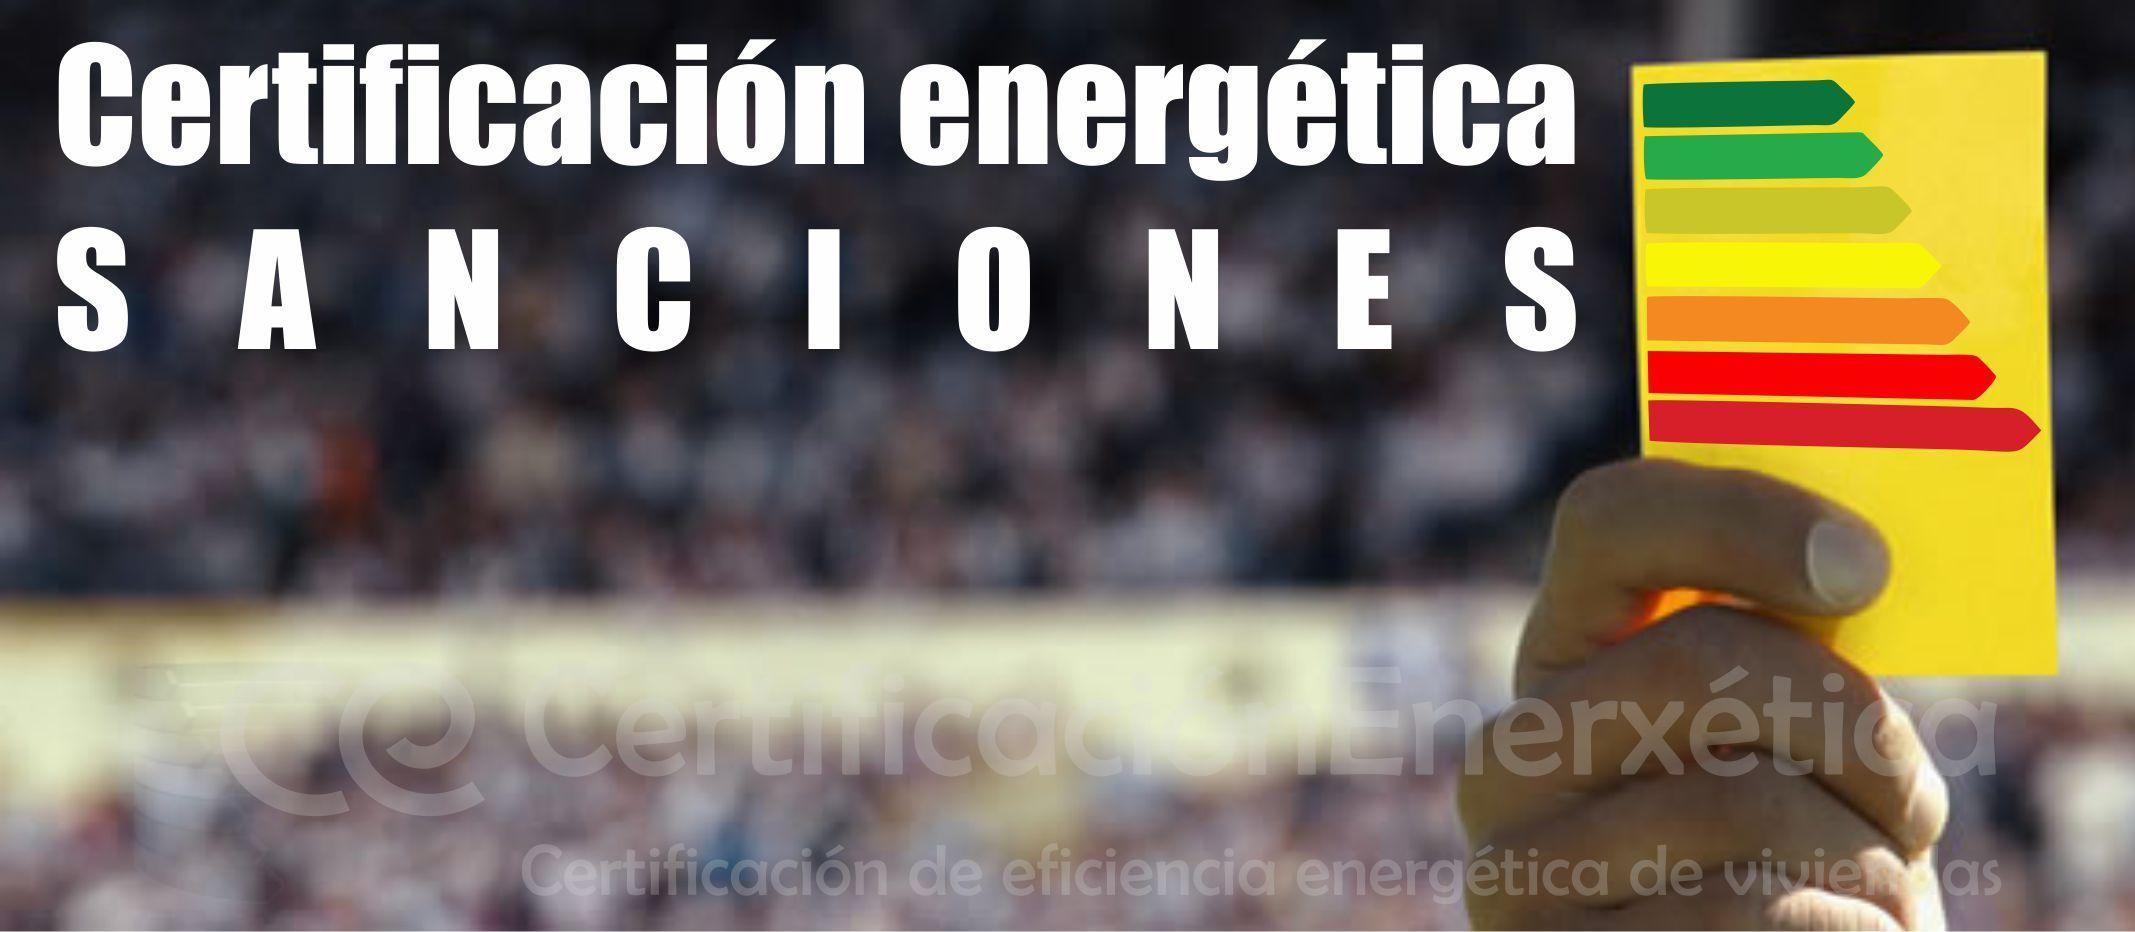 SANCIONES_Certificacion energetica